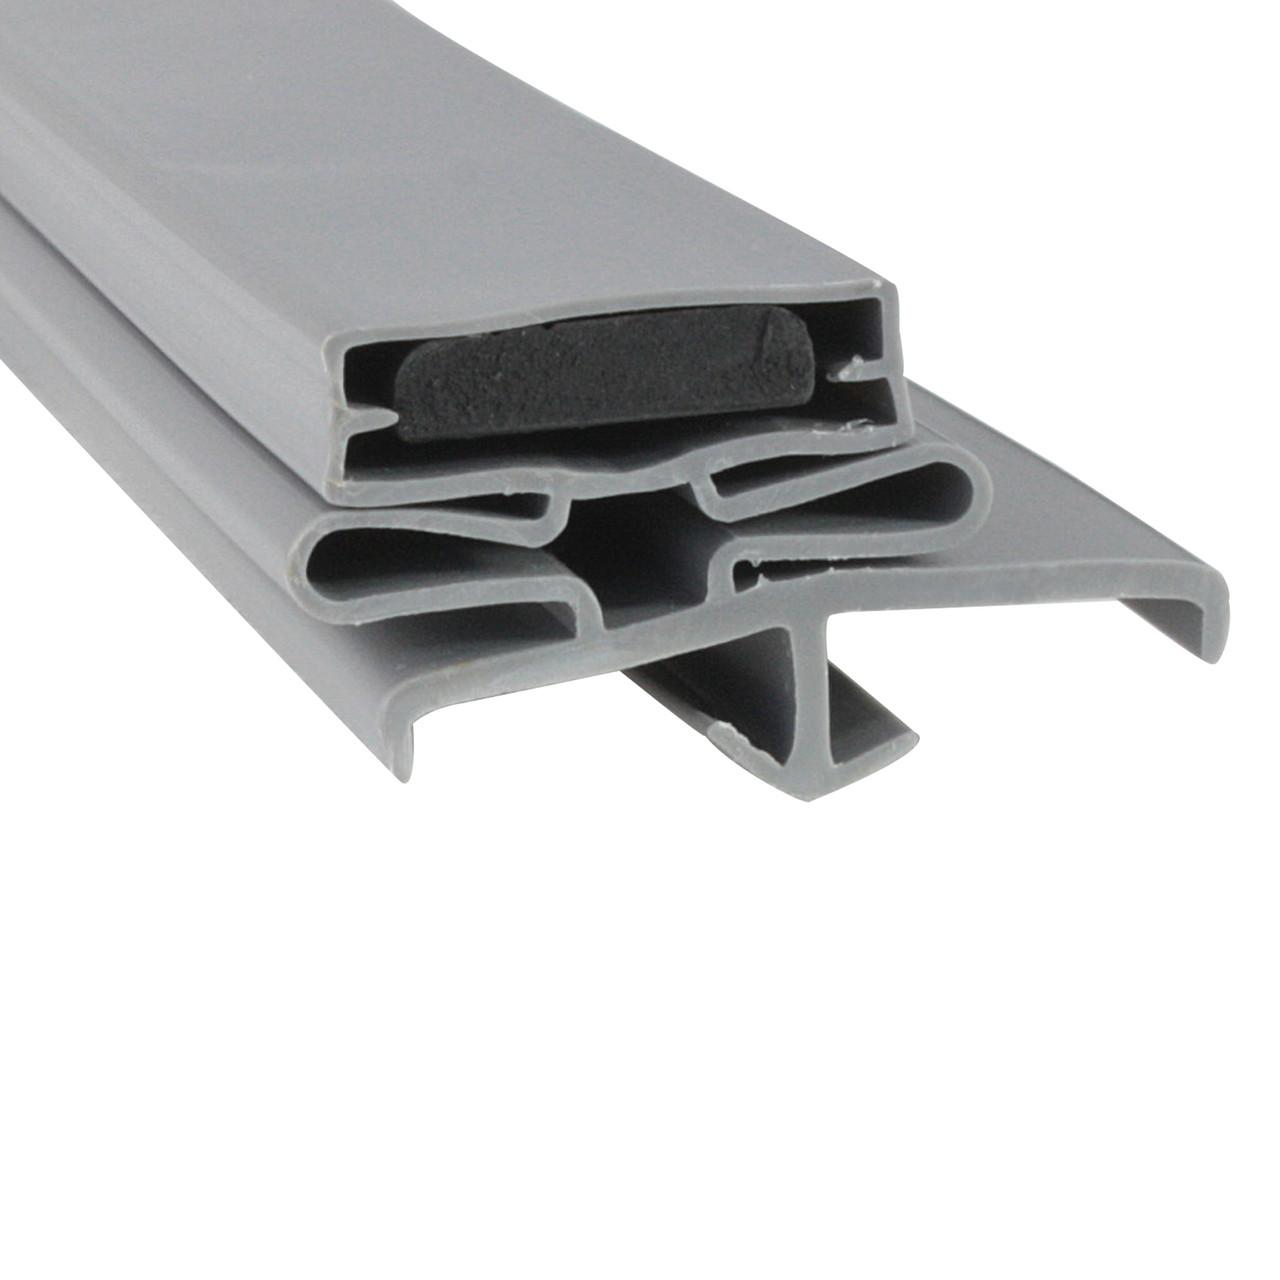 McCall-Cooler-and-Freezer-Door-Gasket-Style-9532-23-3-4-x-29-3-4